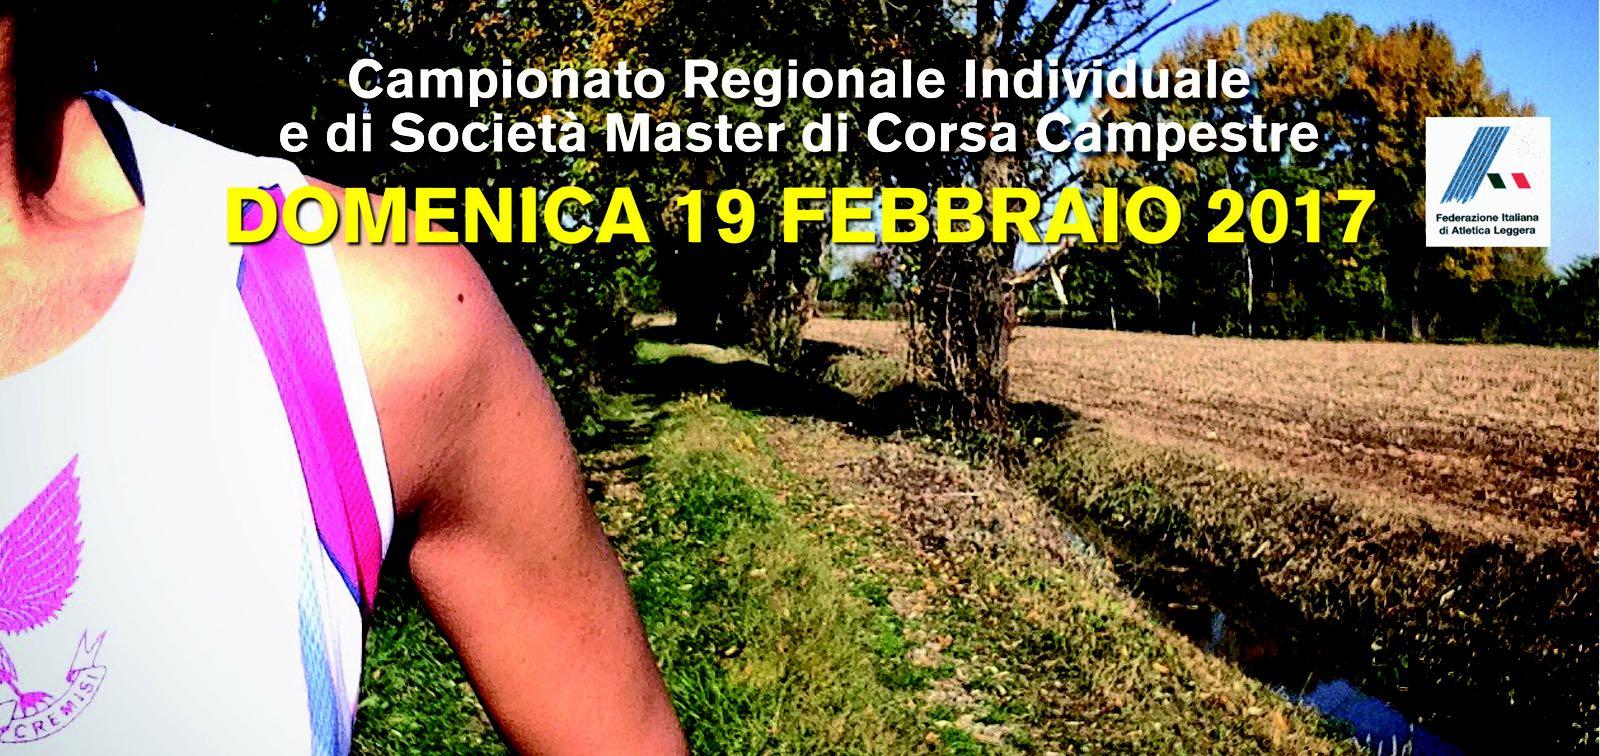 PROGRAMMA COMPLETO CLICCA SULL'IMMAGINE